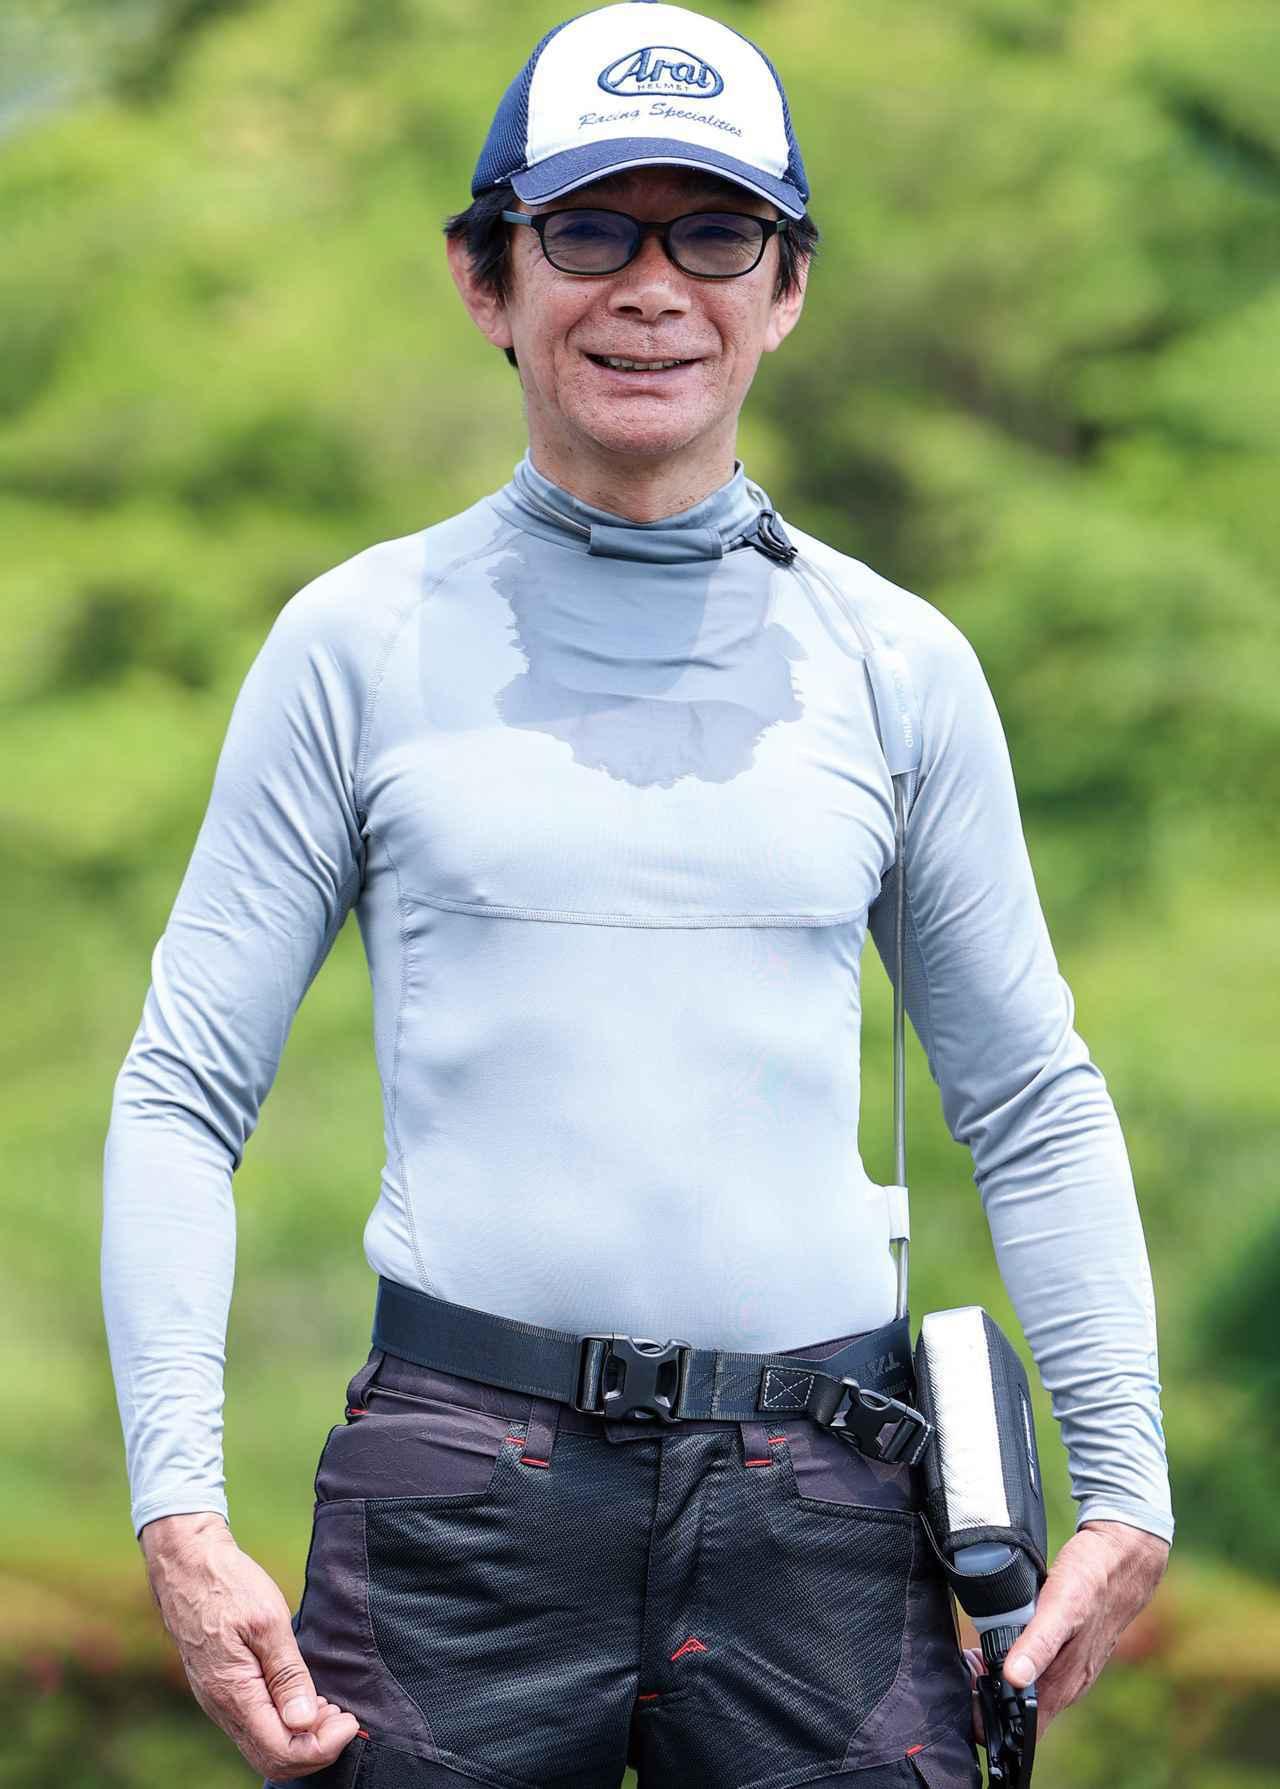 画像: 専用アンダーシャツは胸部の生地を二重にすることで保水力を高め、冷感を持続させる。実走行テストではこの程度濡れているだけで充分な効果が得られた。